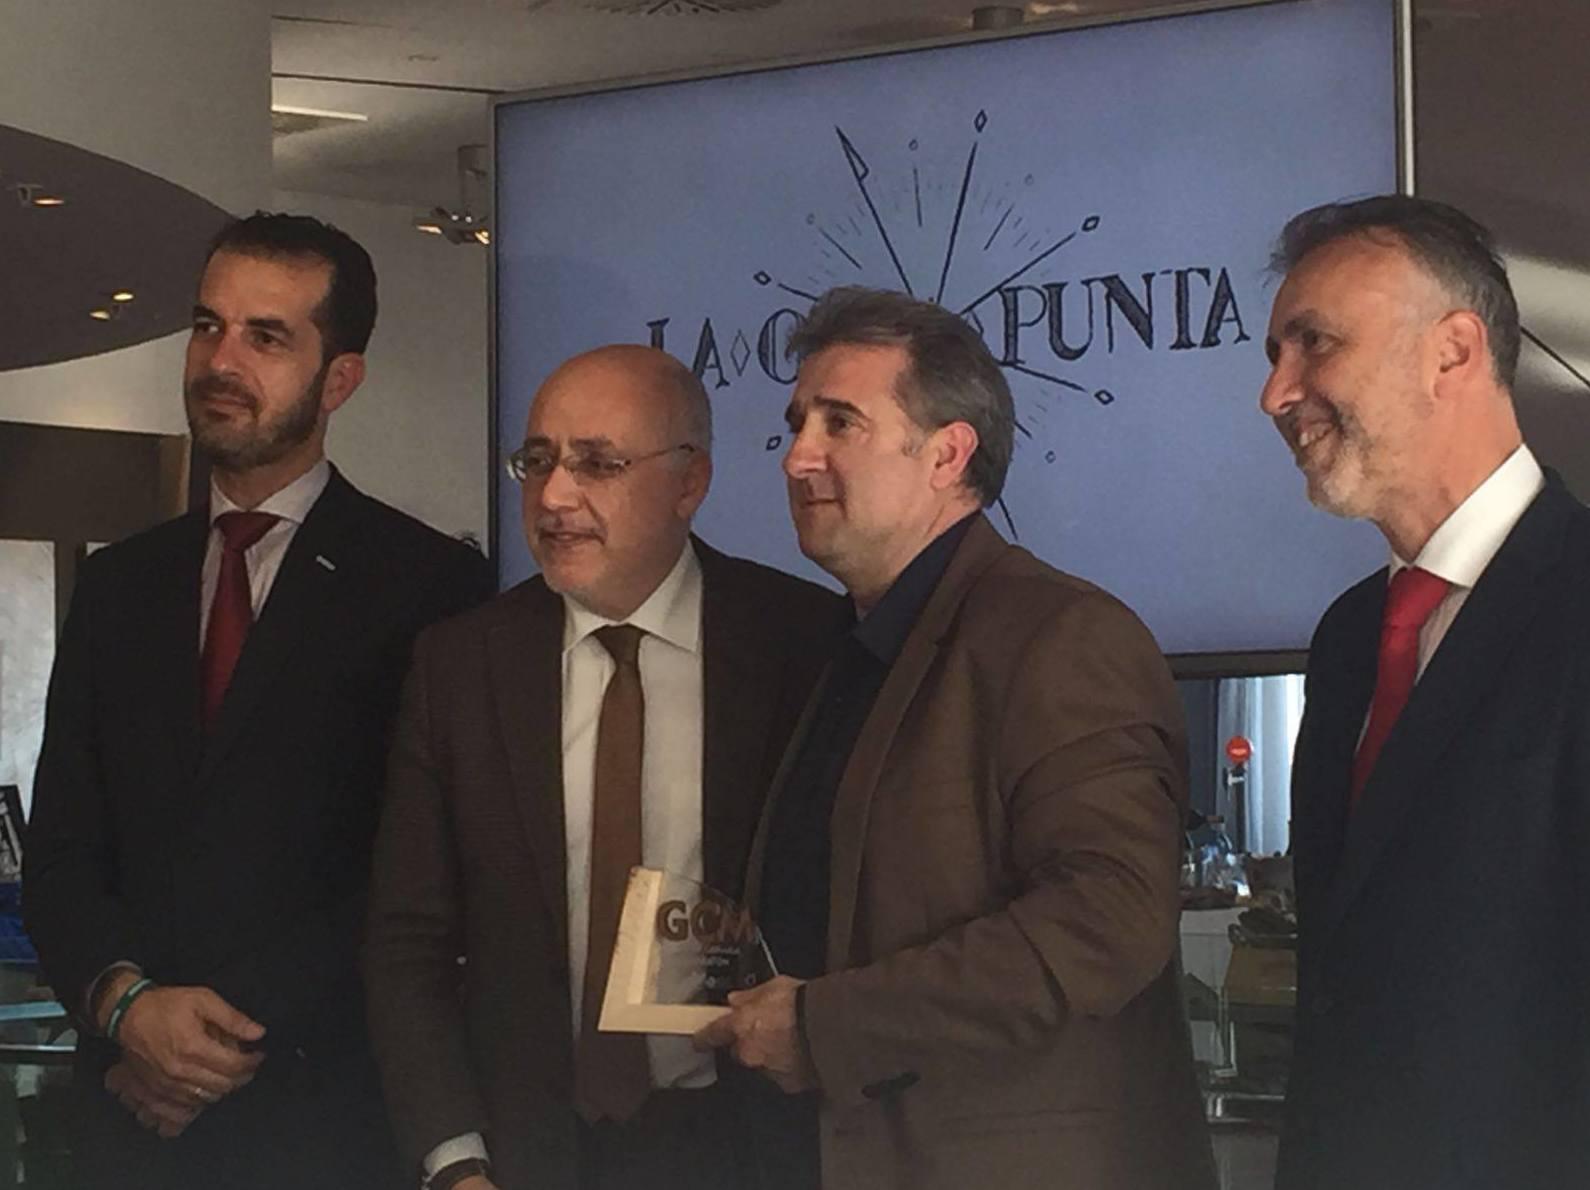 El Restaurante La Otra Punta recogiendo la distinción como patrocinador y restaurante oficial del Gran Canaria maratón 2017